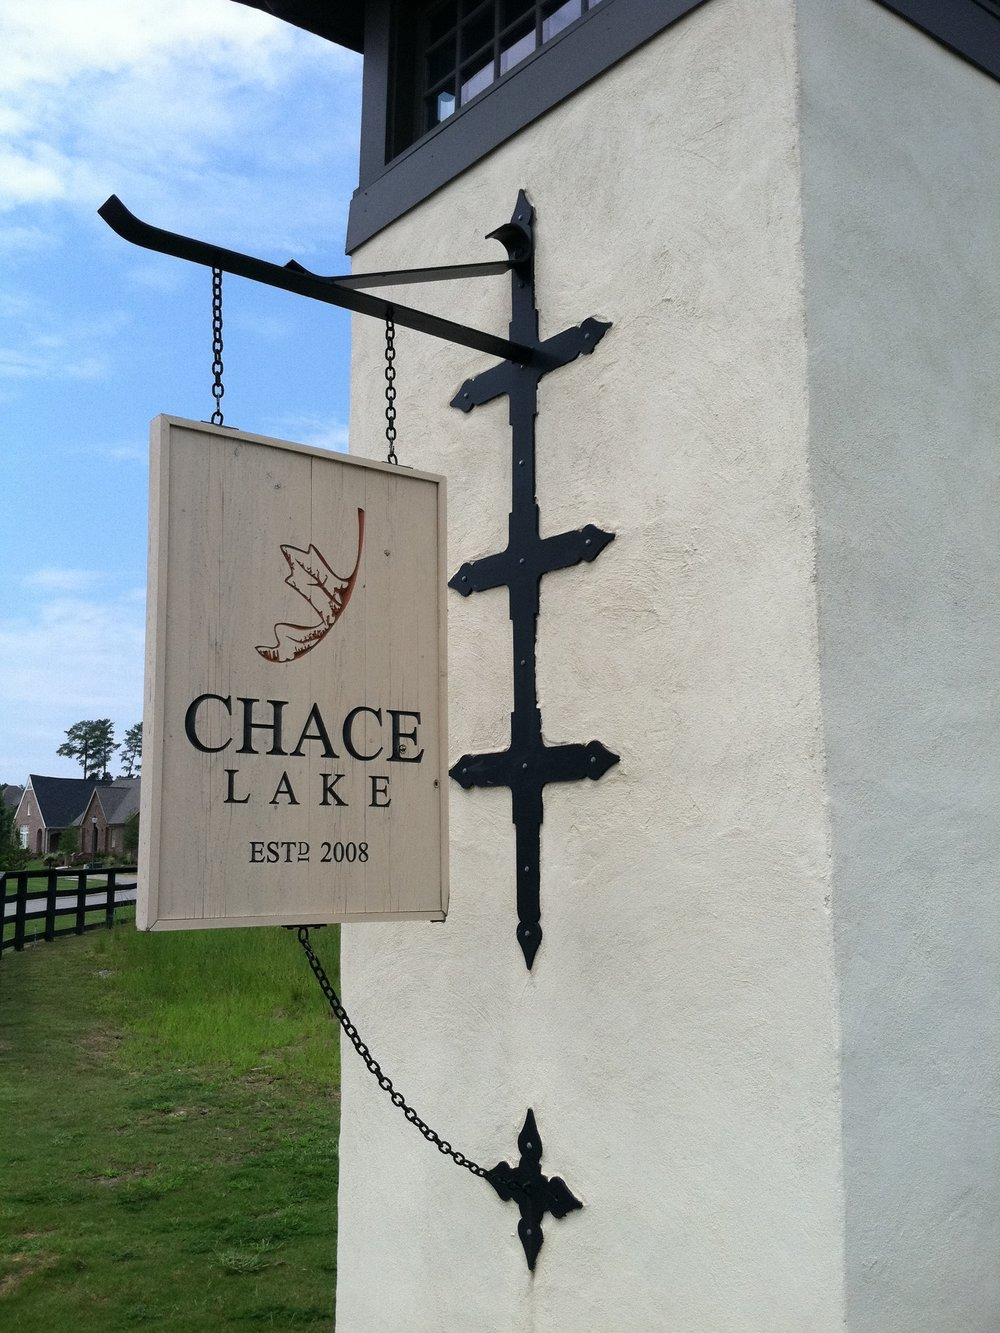 chase lake.JPG